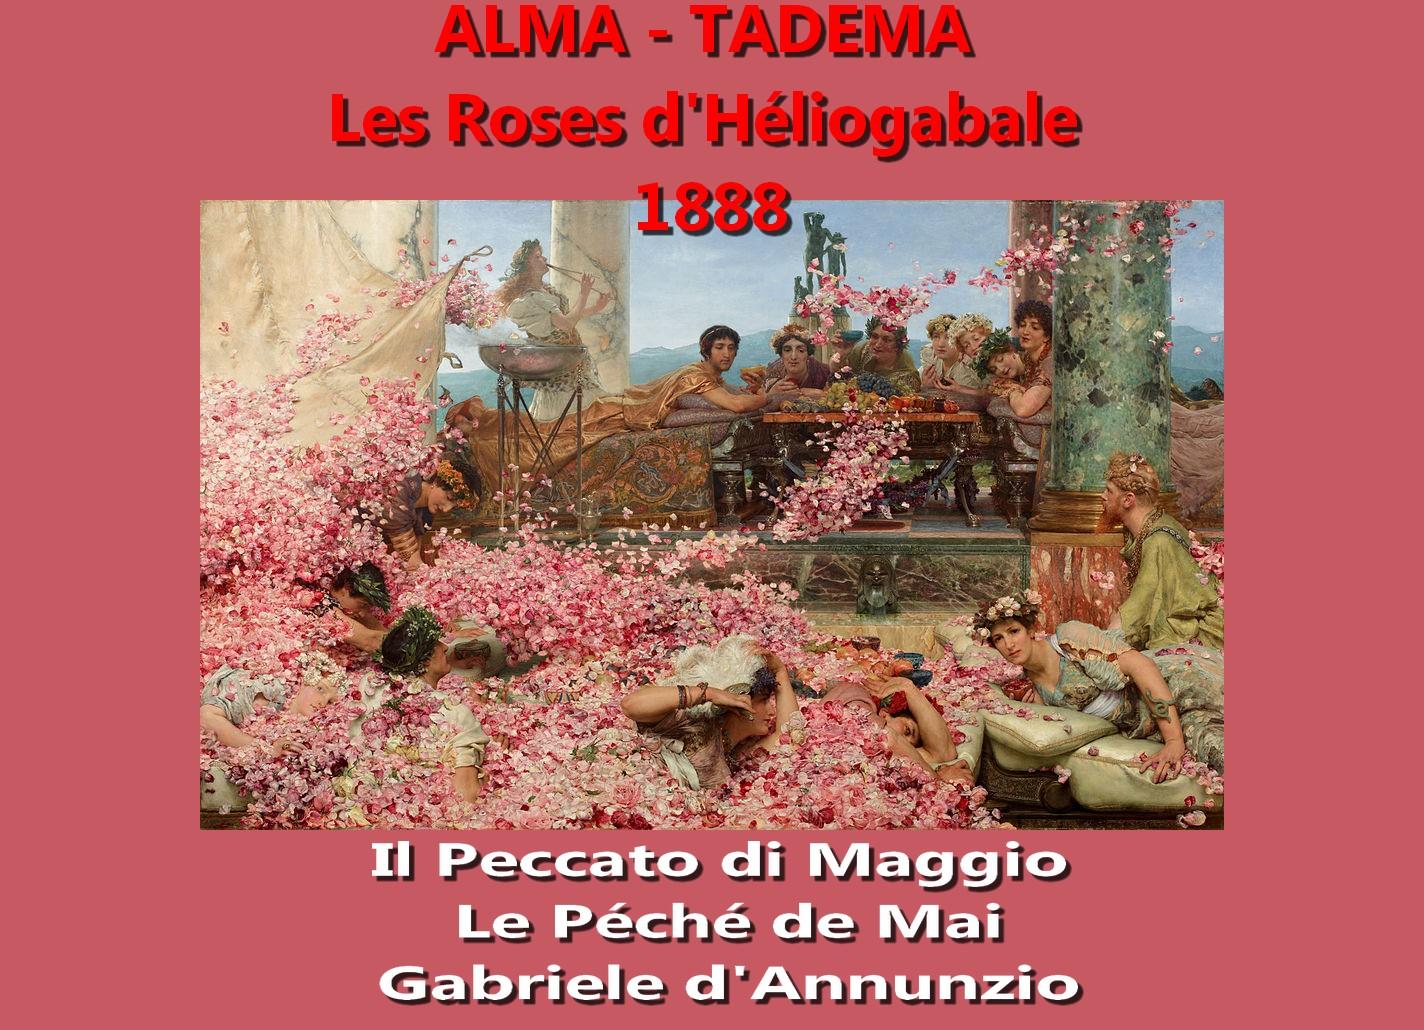 Gabriele d'Annunzio Le péché de mai - Alma-Tadema The_Roses_of_Heliogabalus